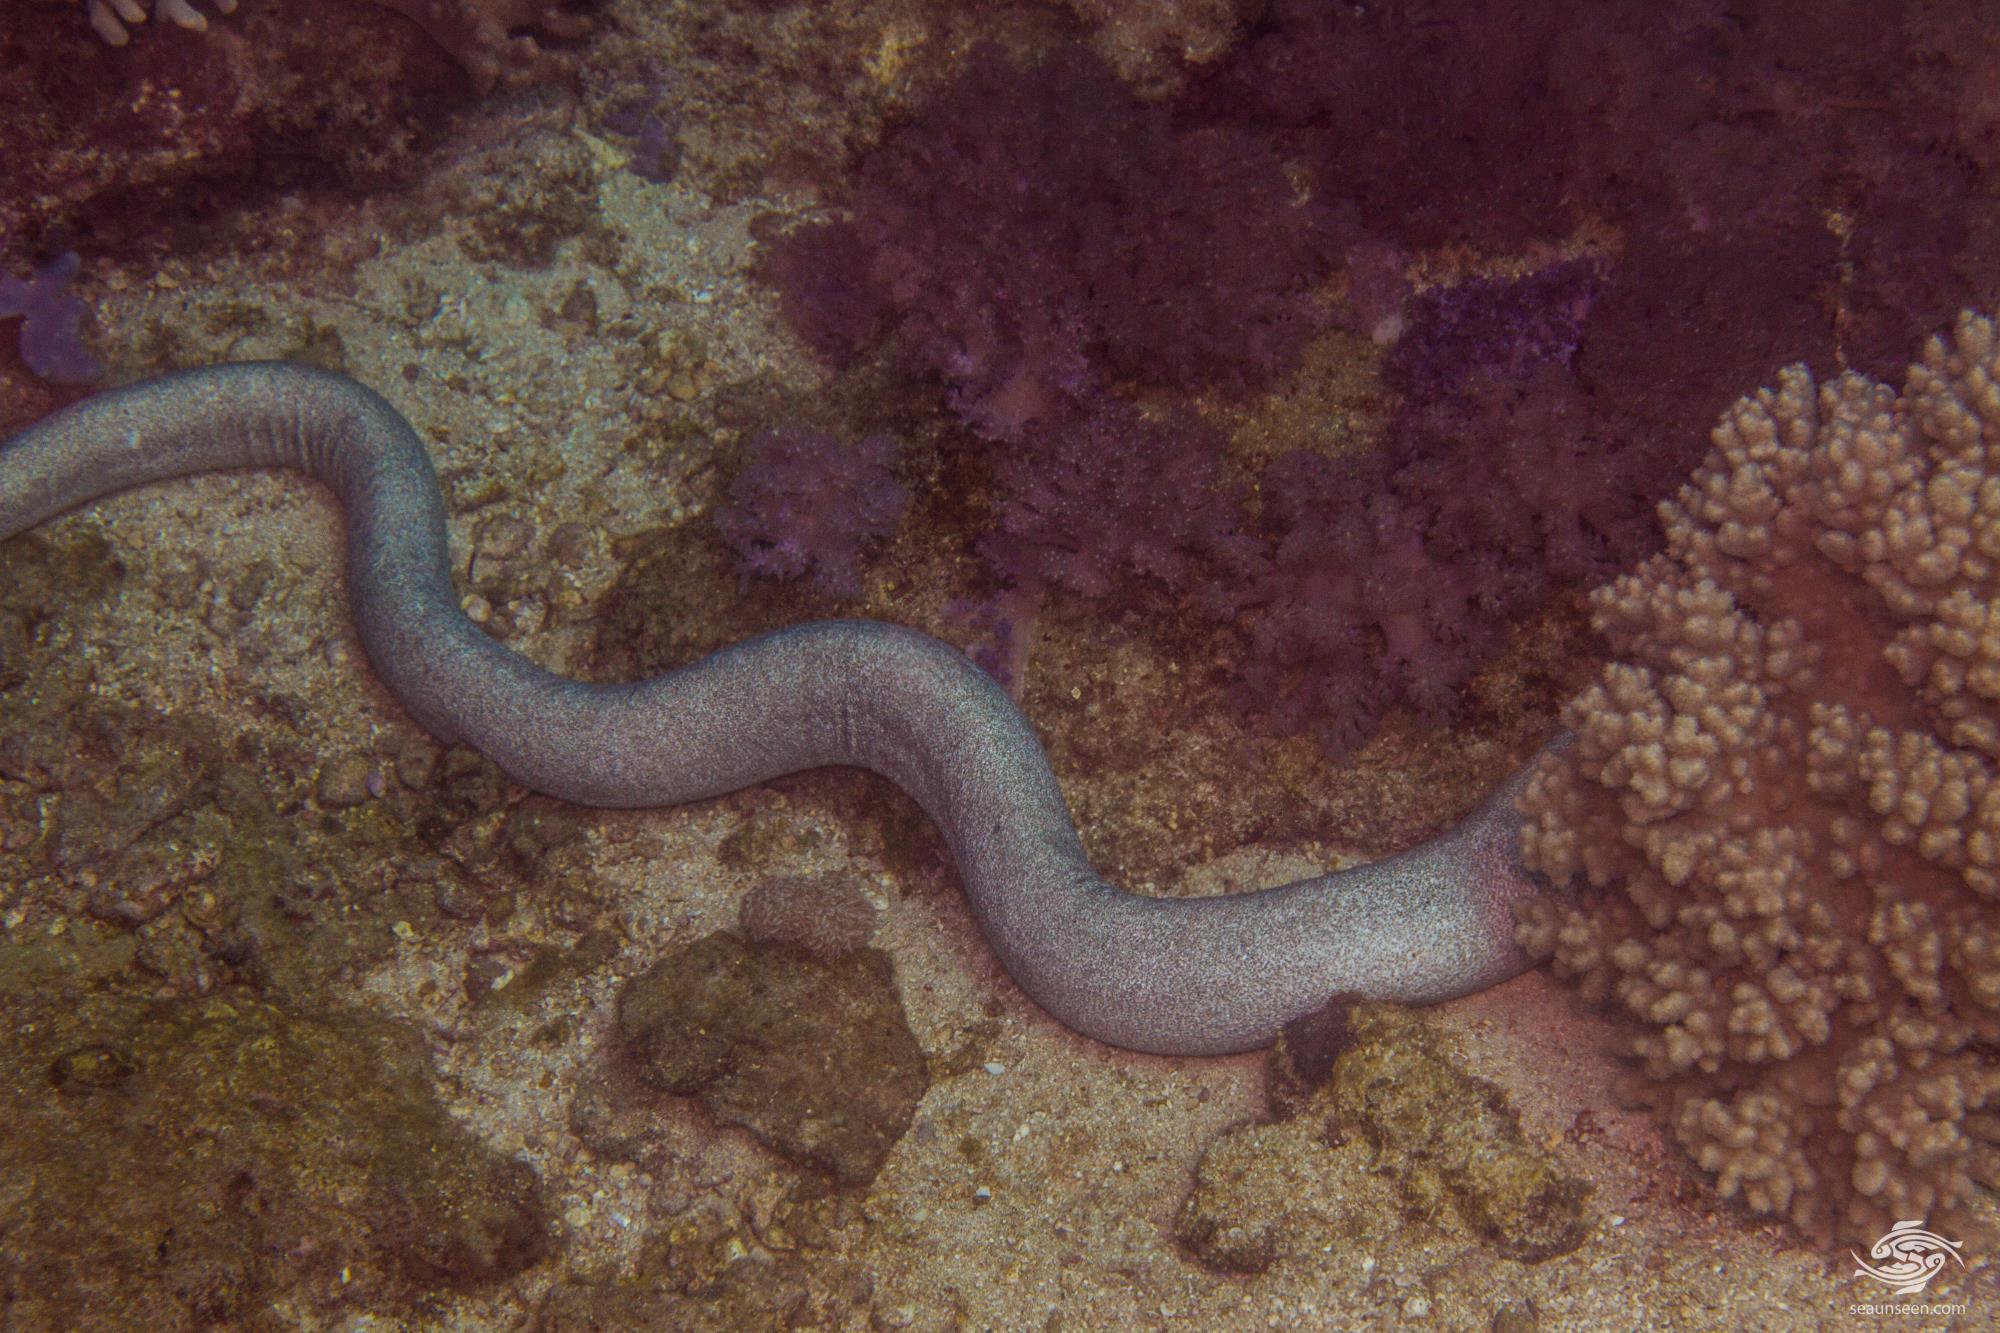 Uropterygius sp. 2